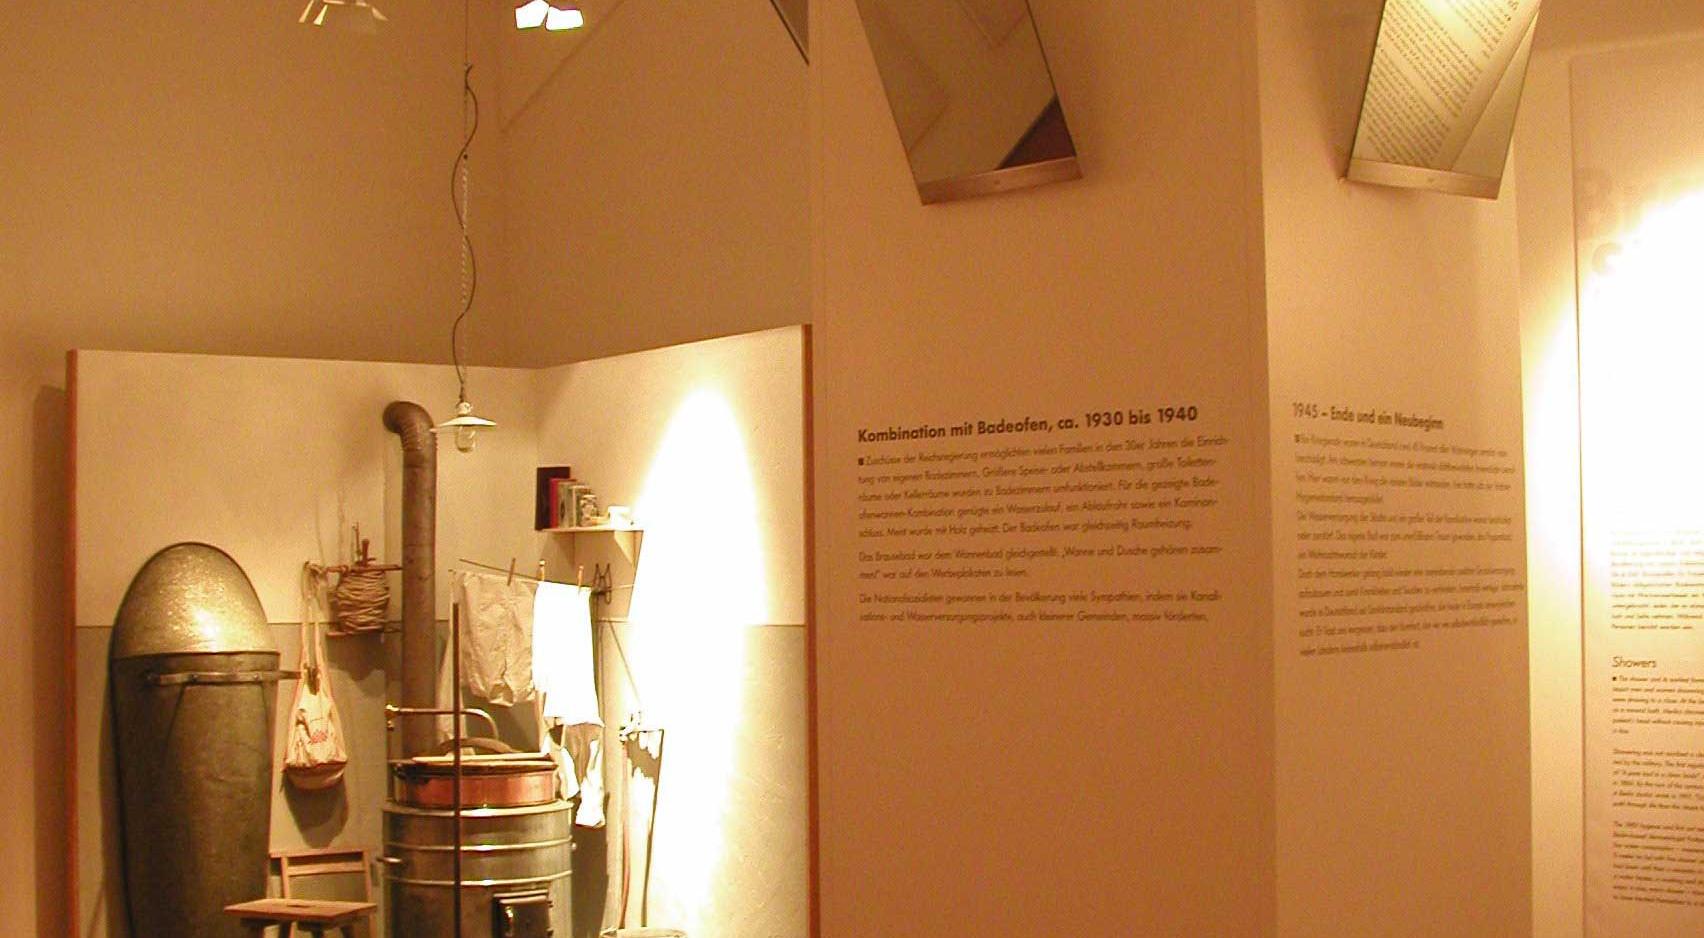 Altonaer Museum Hamburg, 2003